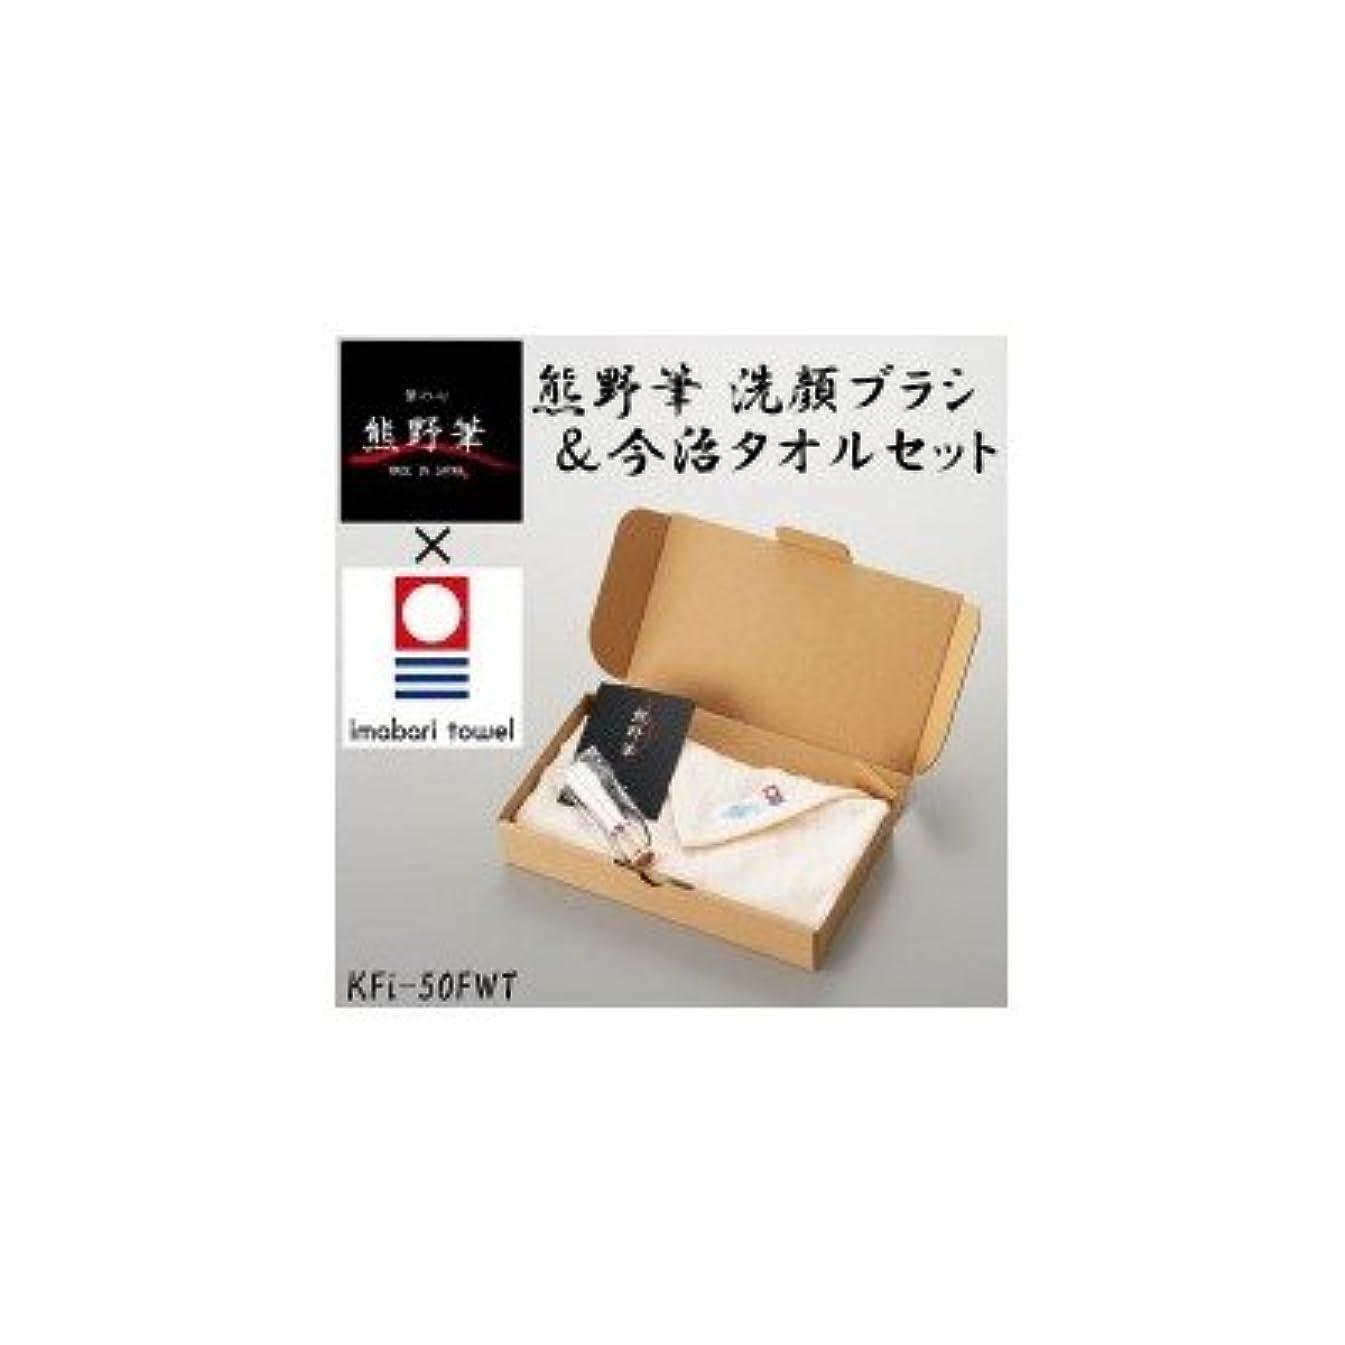 逃す延ばす敏感な熊野筆と今治タオルのコラボレーション 熊野筆 洗顔ブラシ&今治タオルセット KFi-50FWT